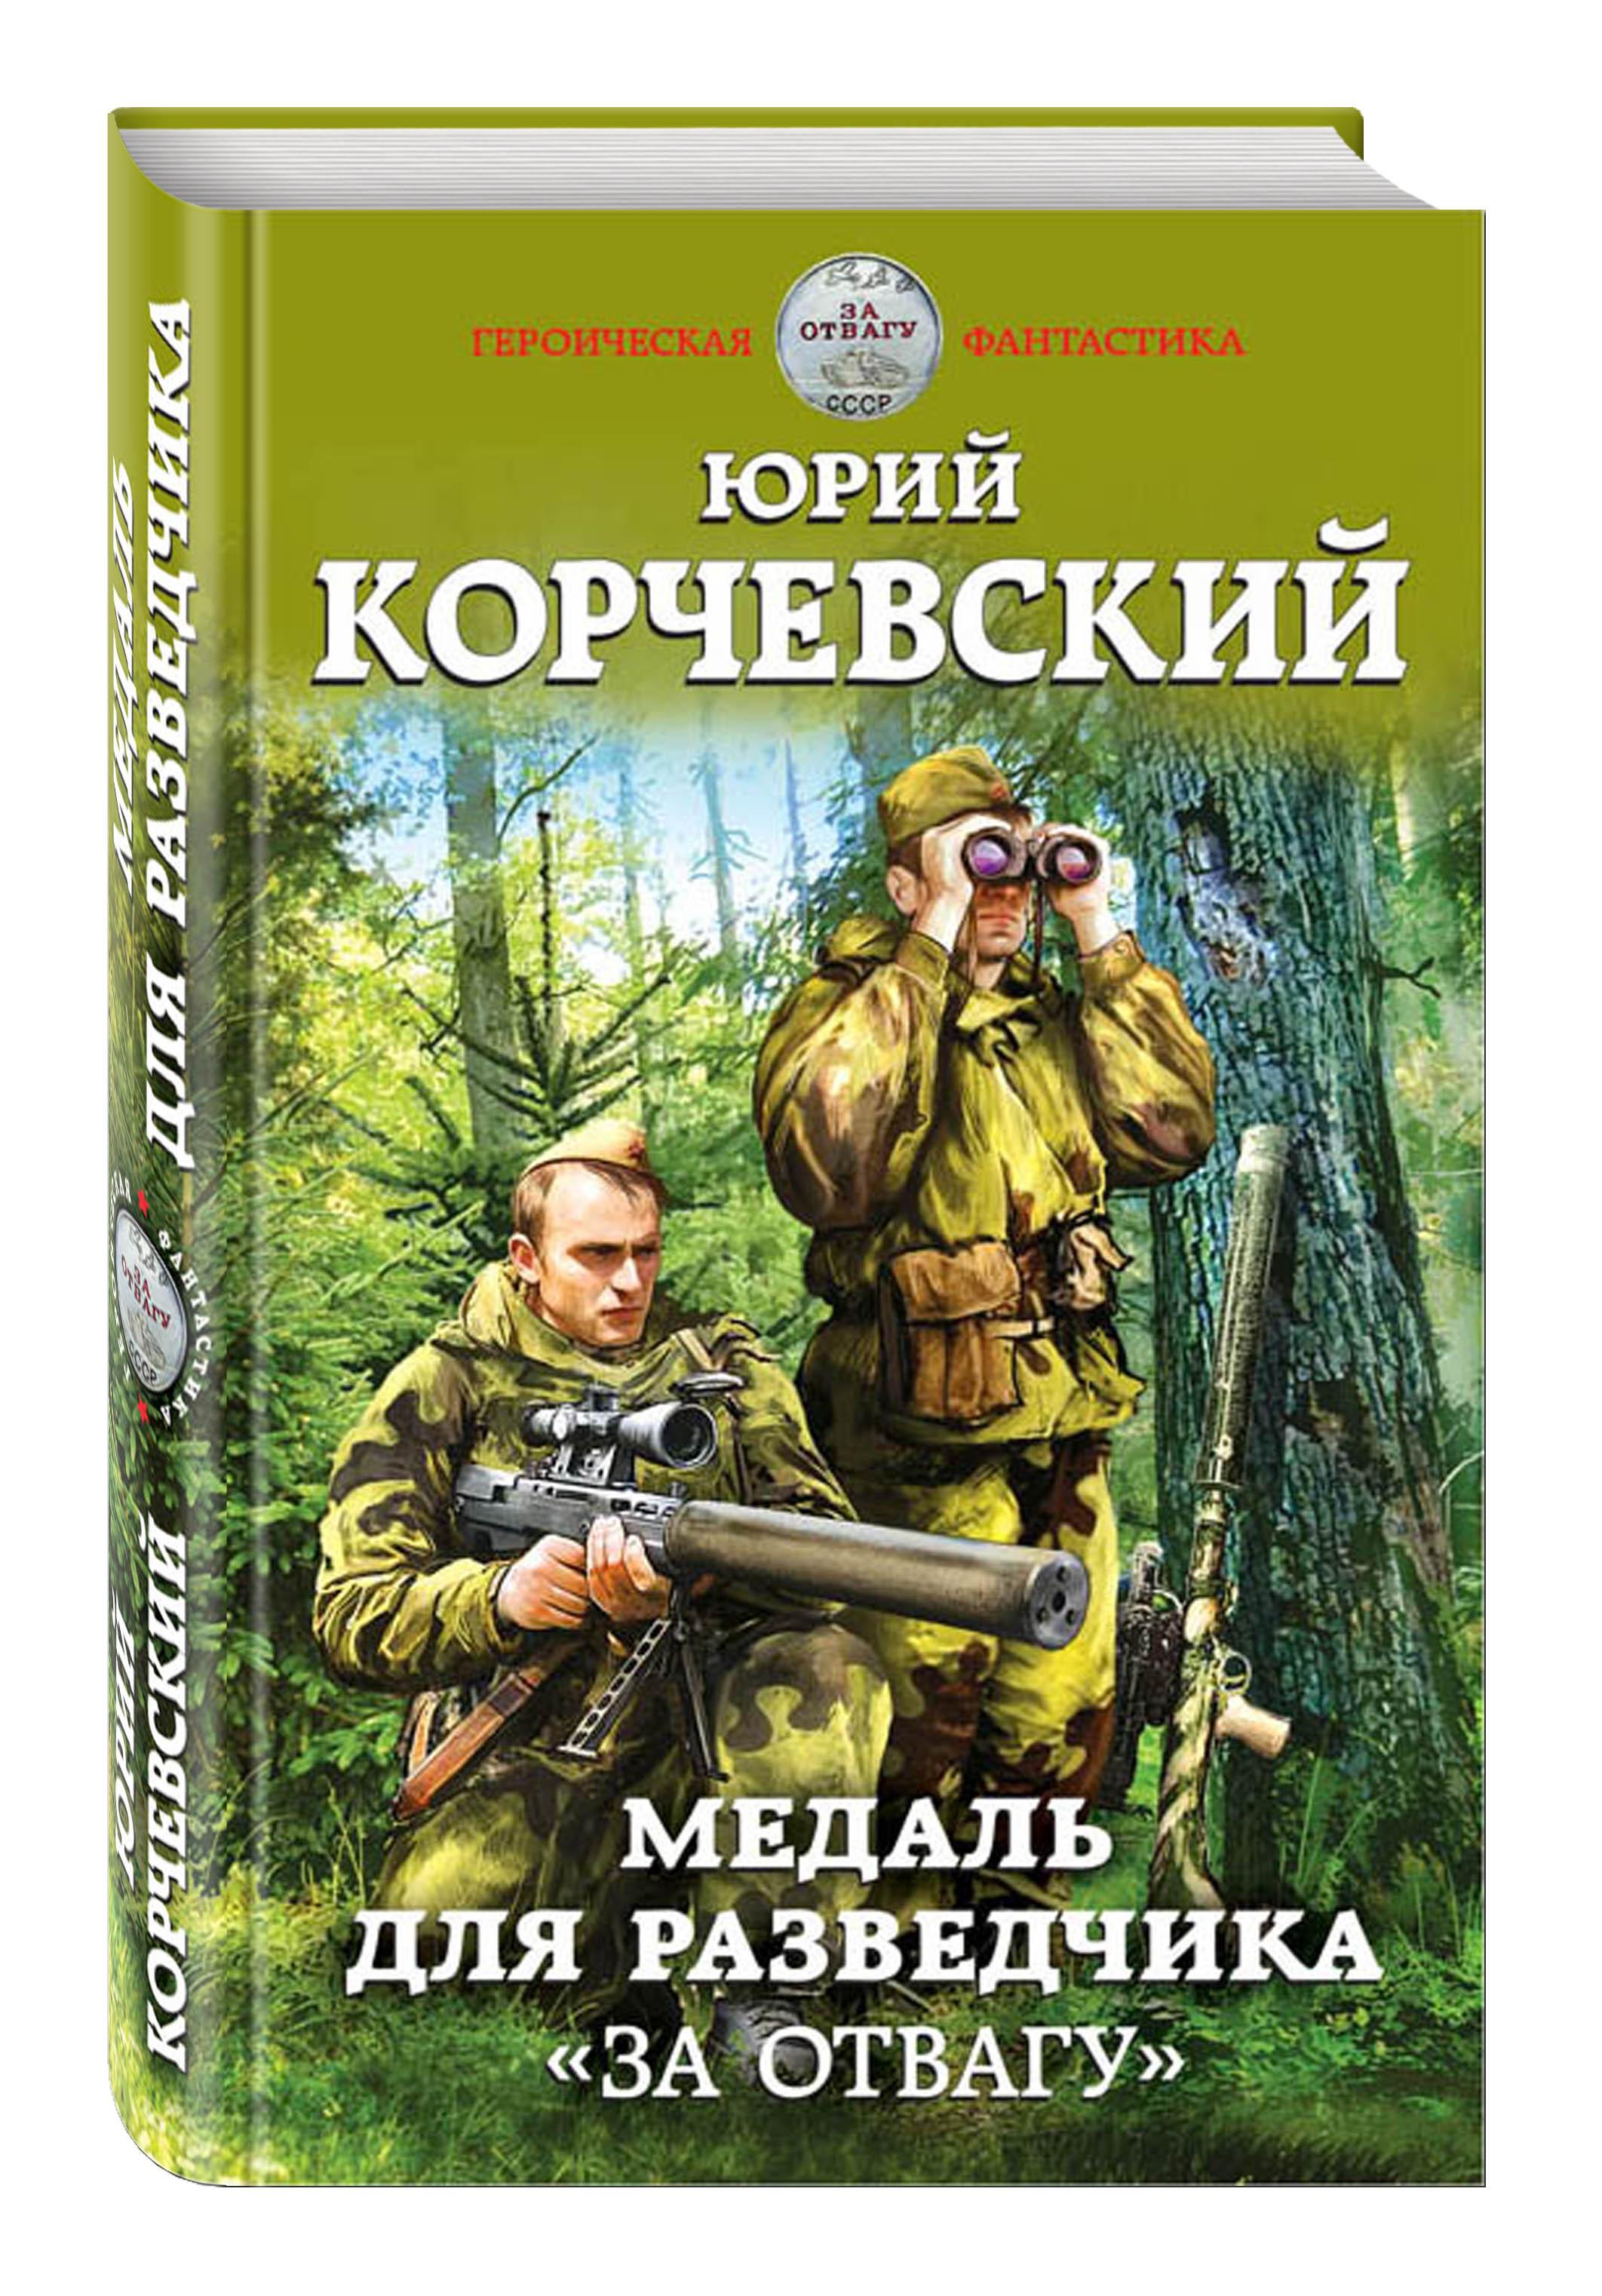 Корчевский Ю.Г. Медаль для разведчика. «За отвагу» новый фантастический боевик комплект из 53 книг